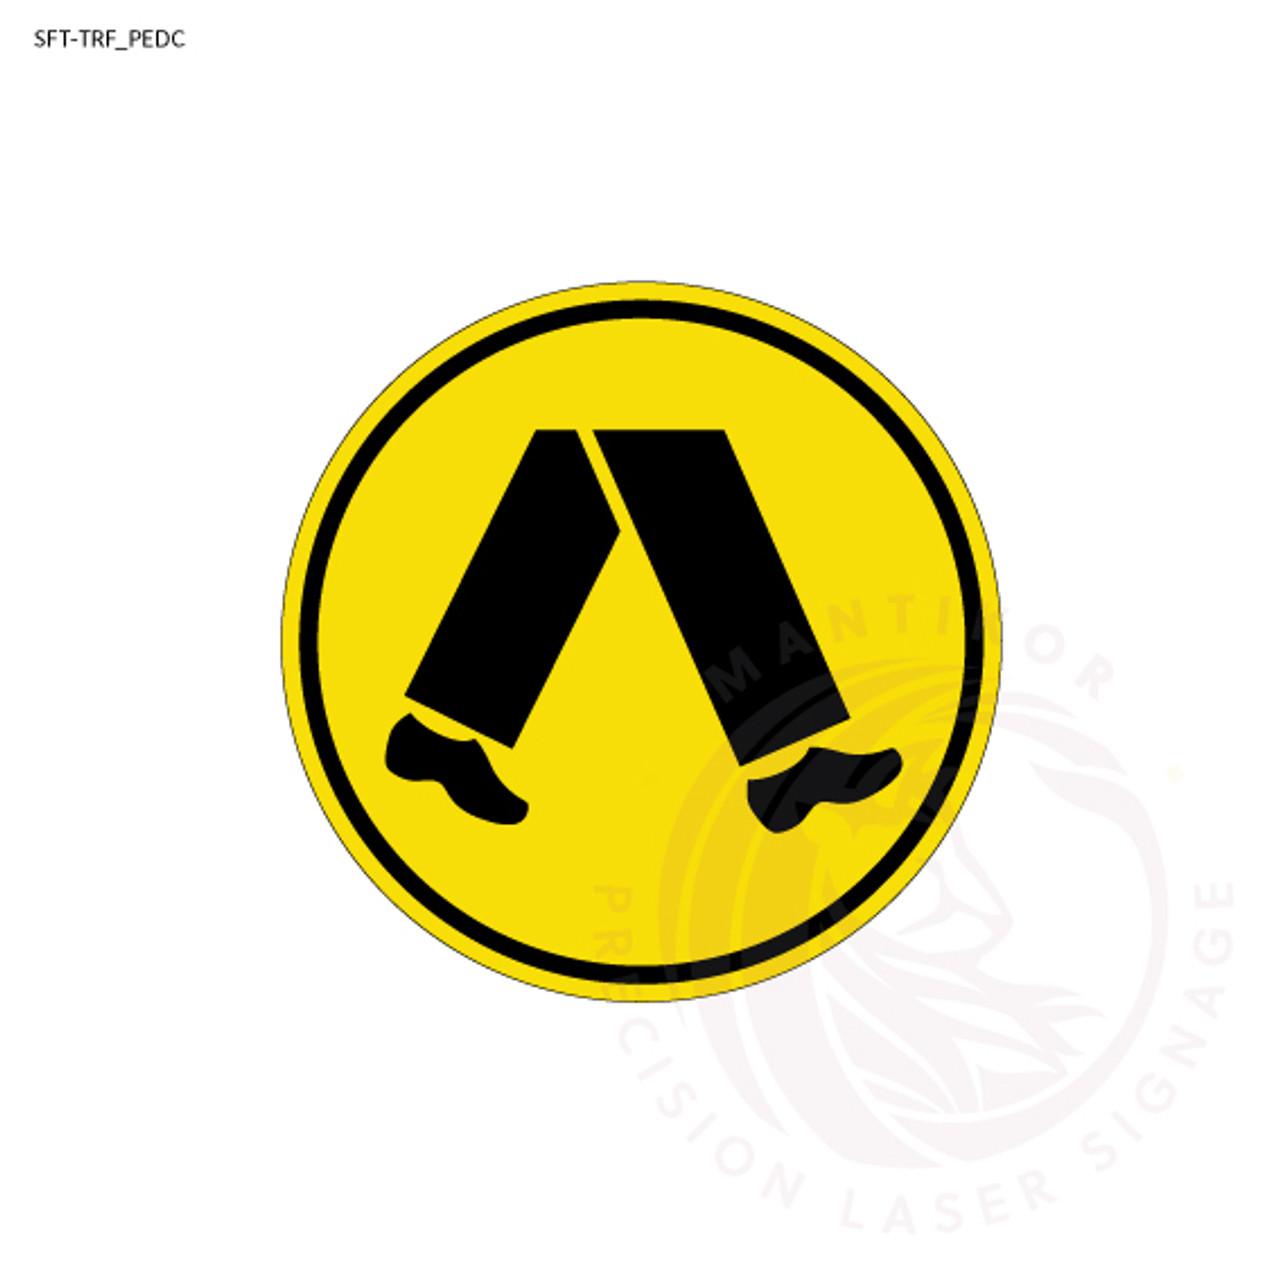 Traffic Signs - Pedestrians